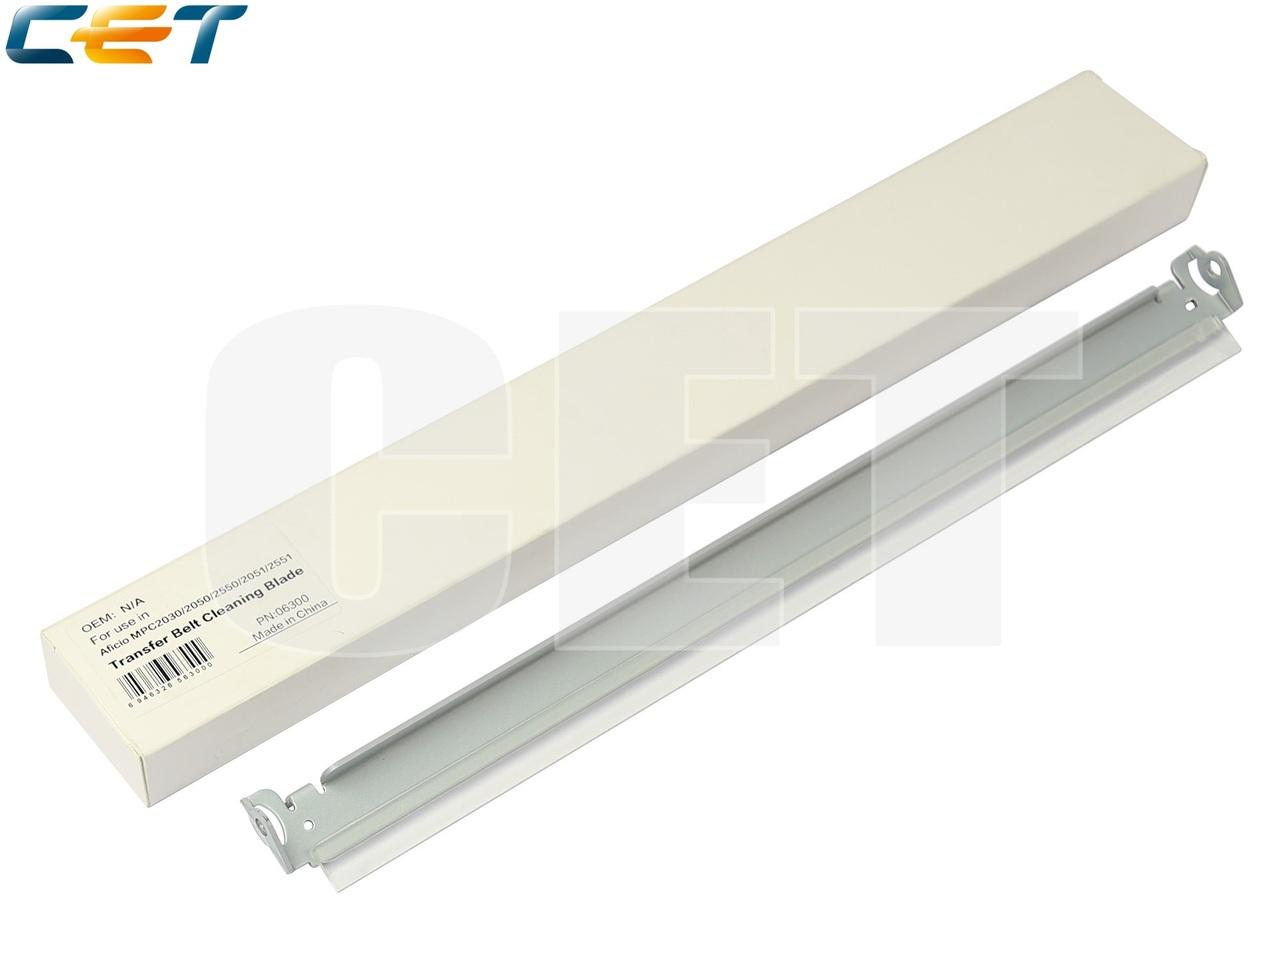 Лезвие очистки ленты переноса для RICOH AficioMPC2030/MPC2050/MPC2550/MPC2051/MPC2551 (CET),CET6300